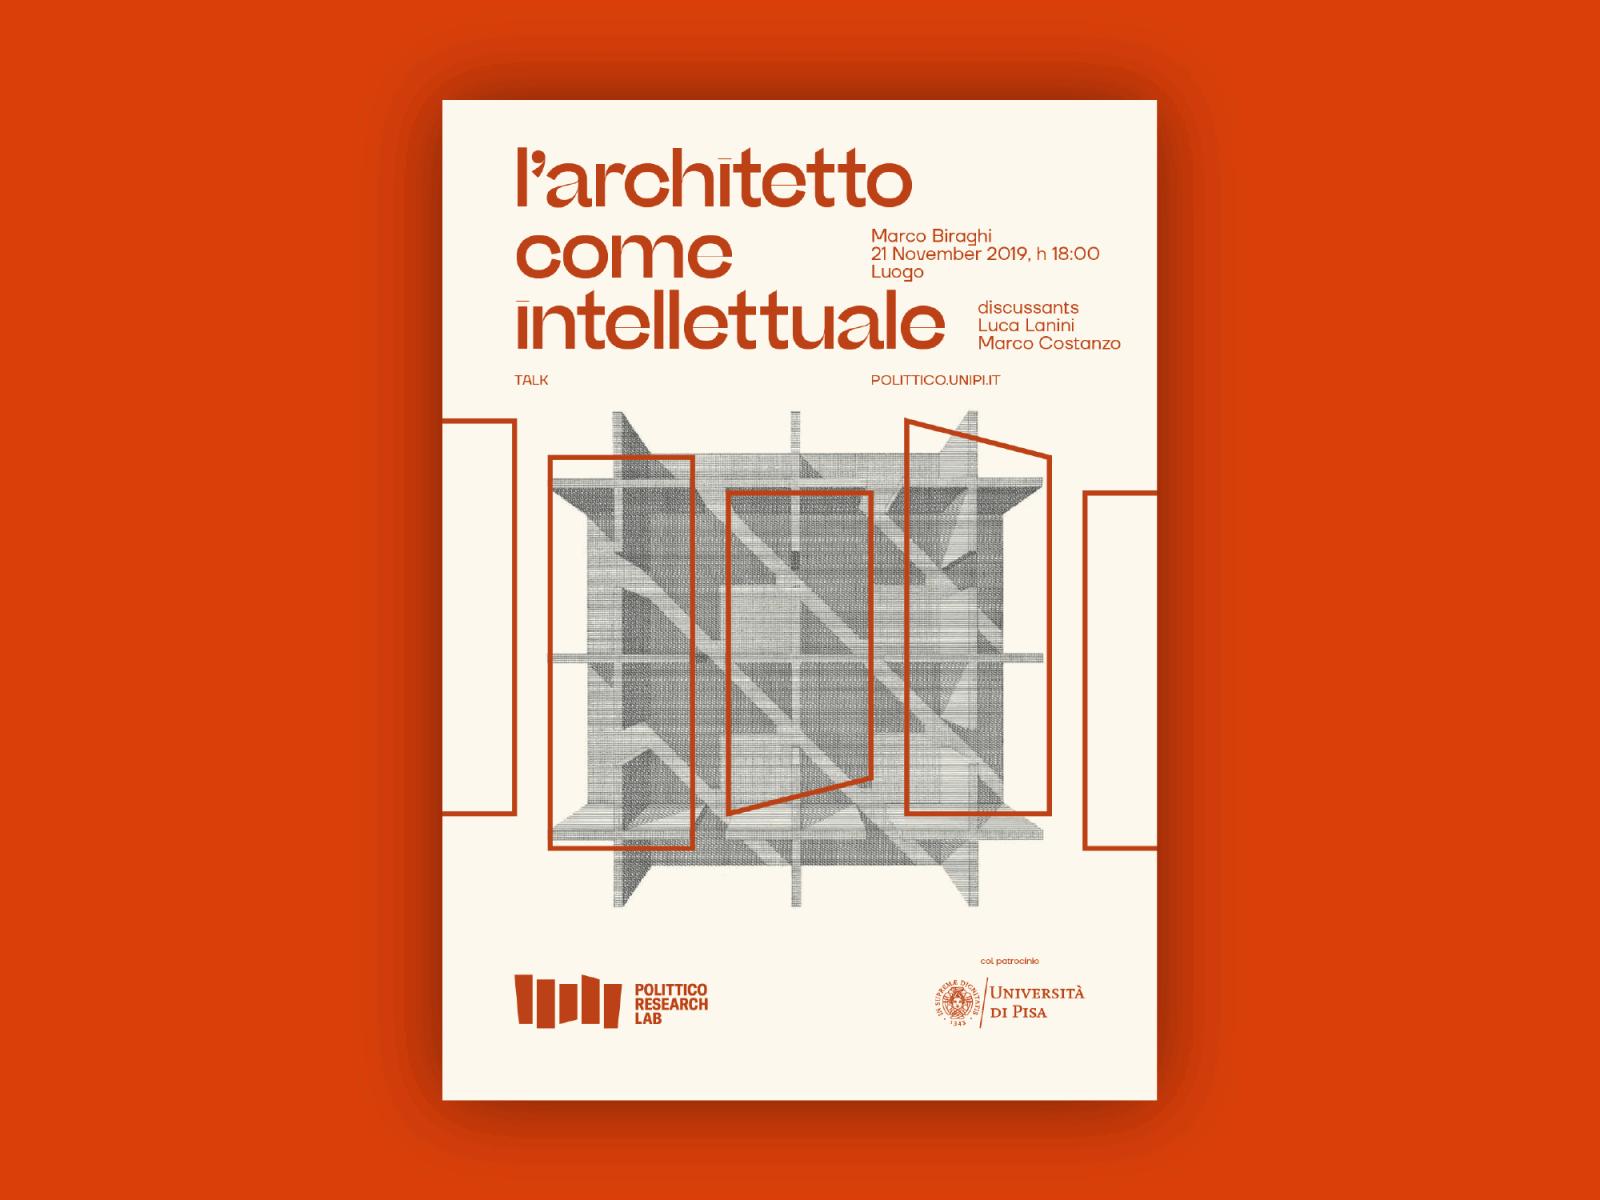 archintellettuale-dribble-fsb